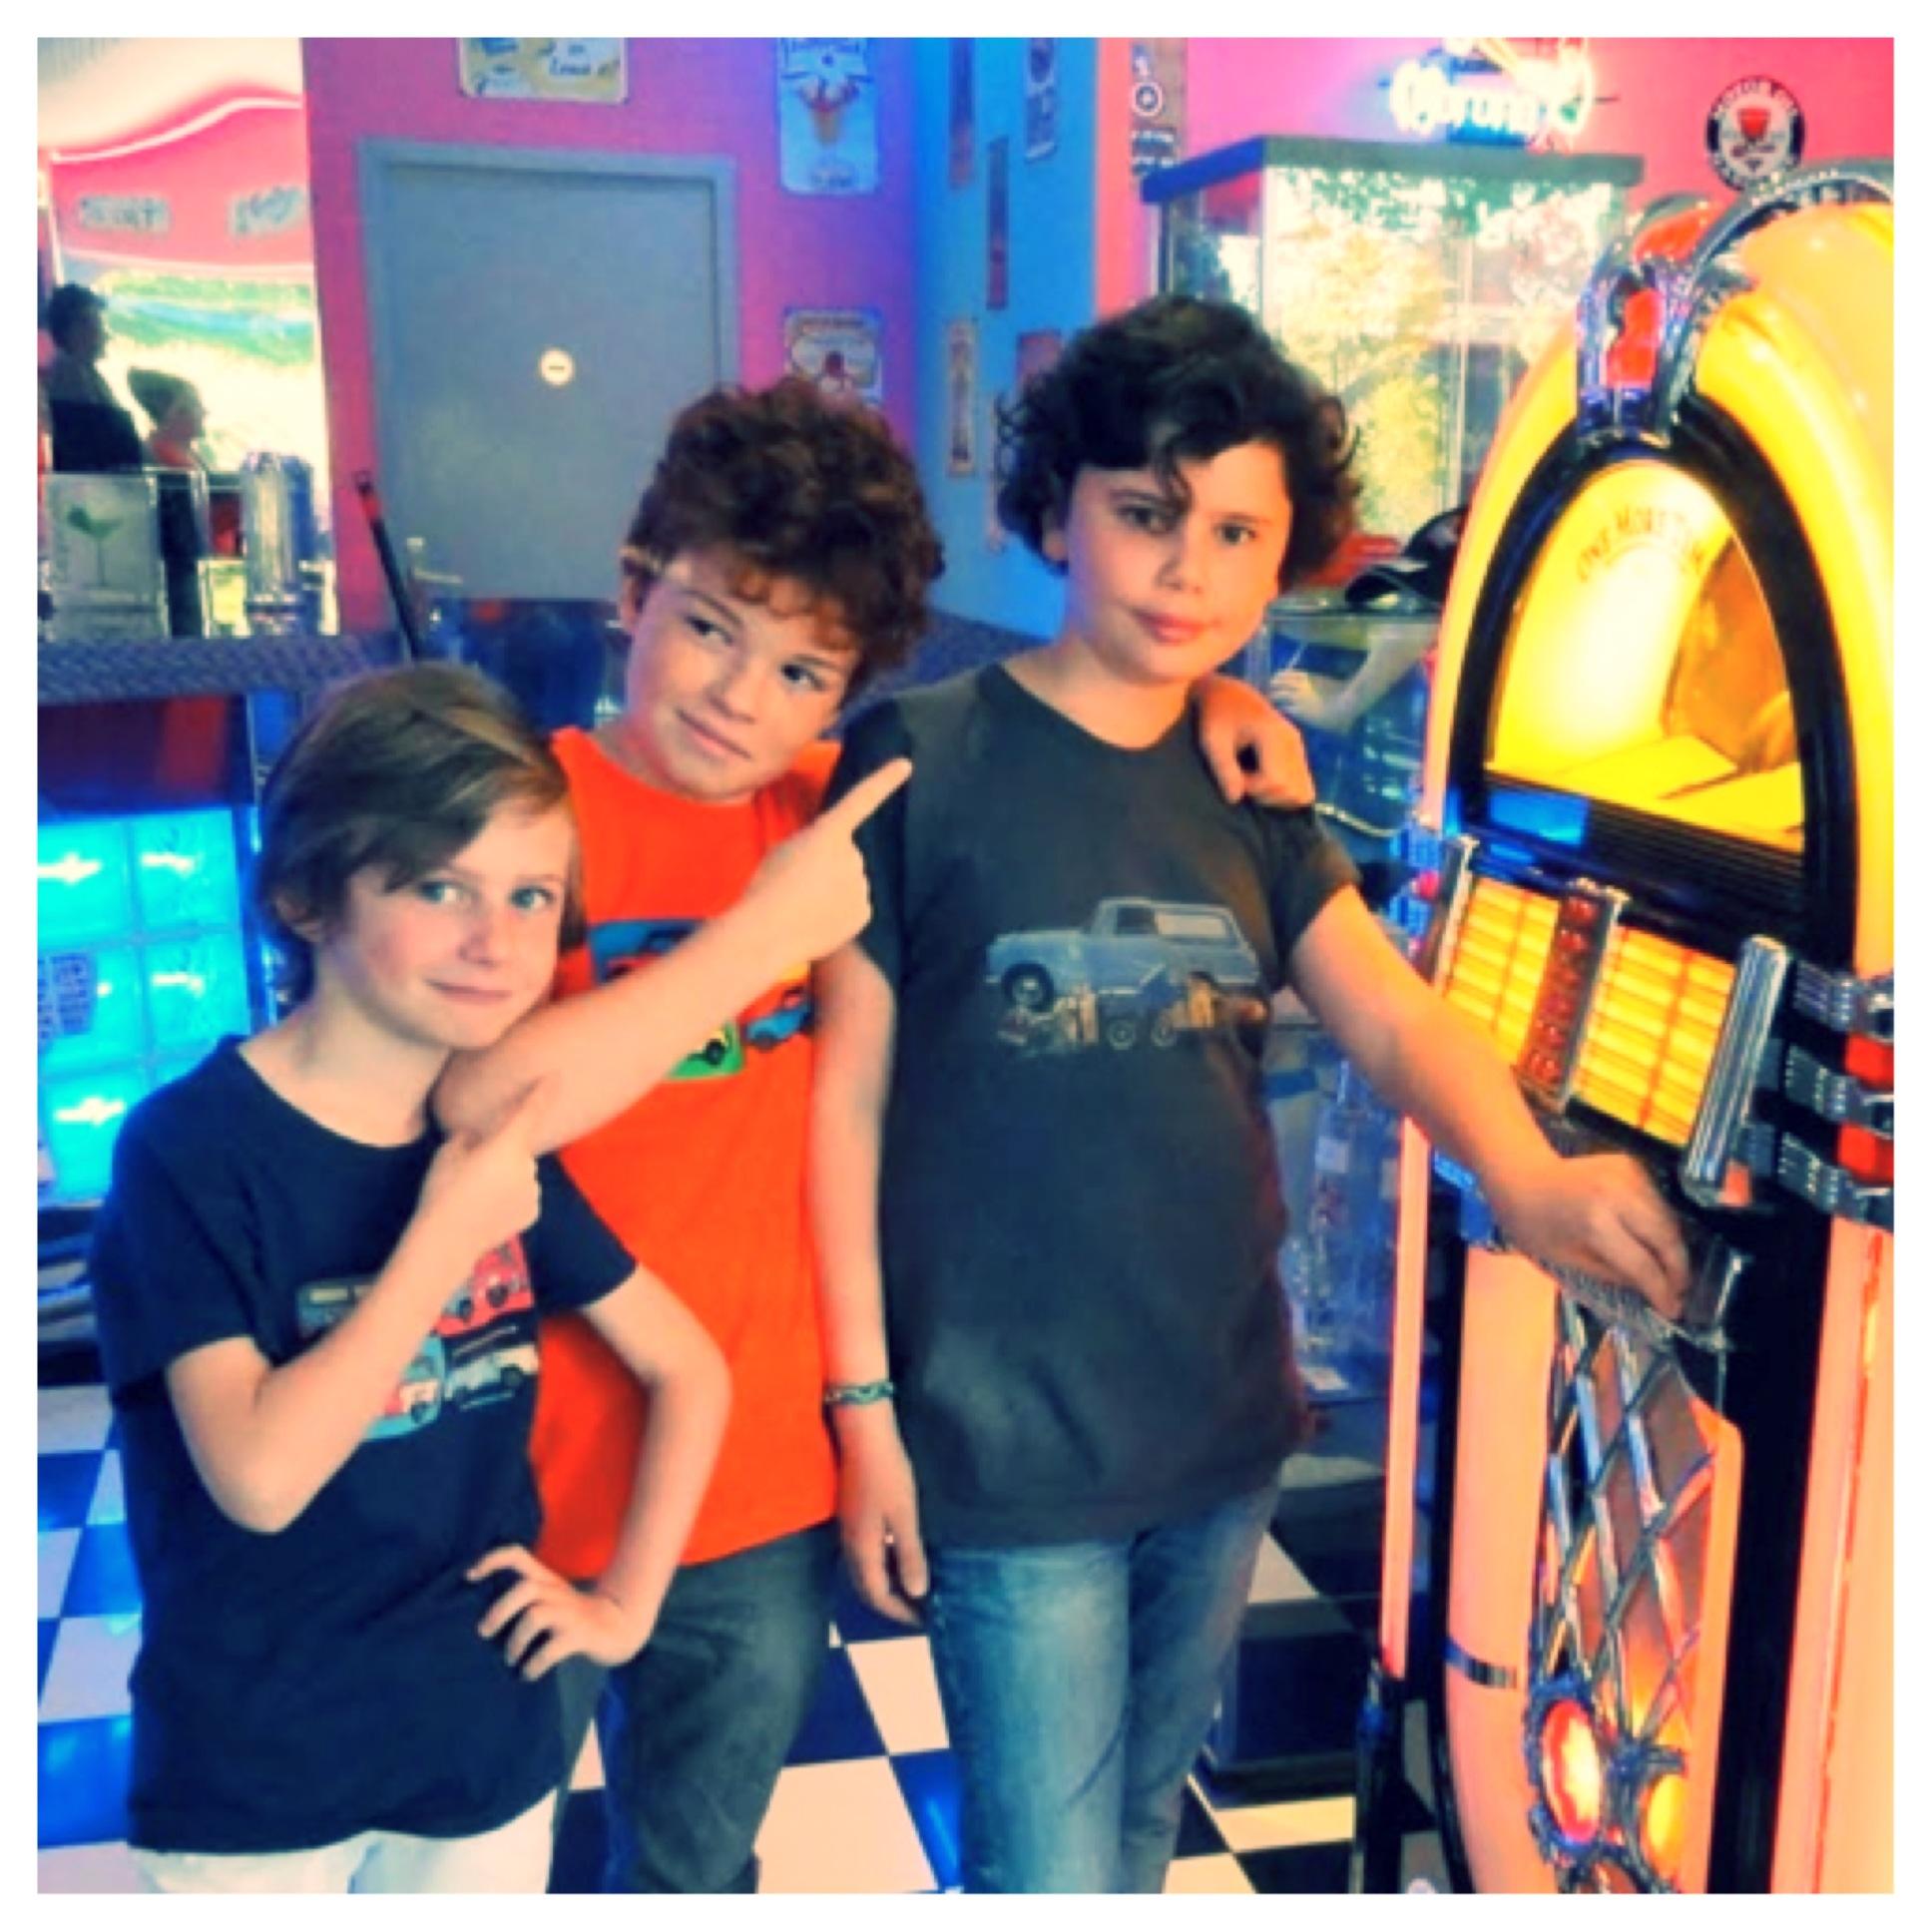 Notre joyeux trio de modèles porte des T-shirts combi surf, Mini pop art et Triumph Herald Ma Locomotion